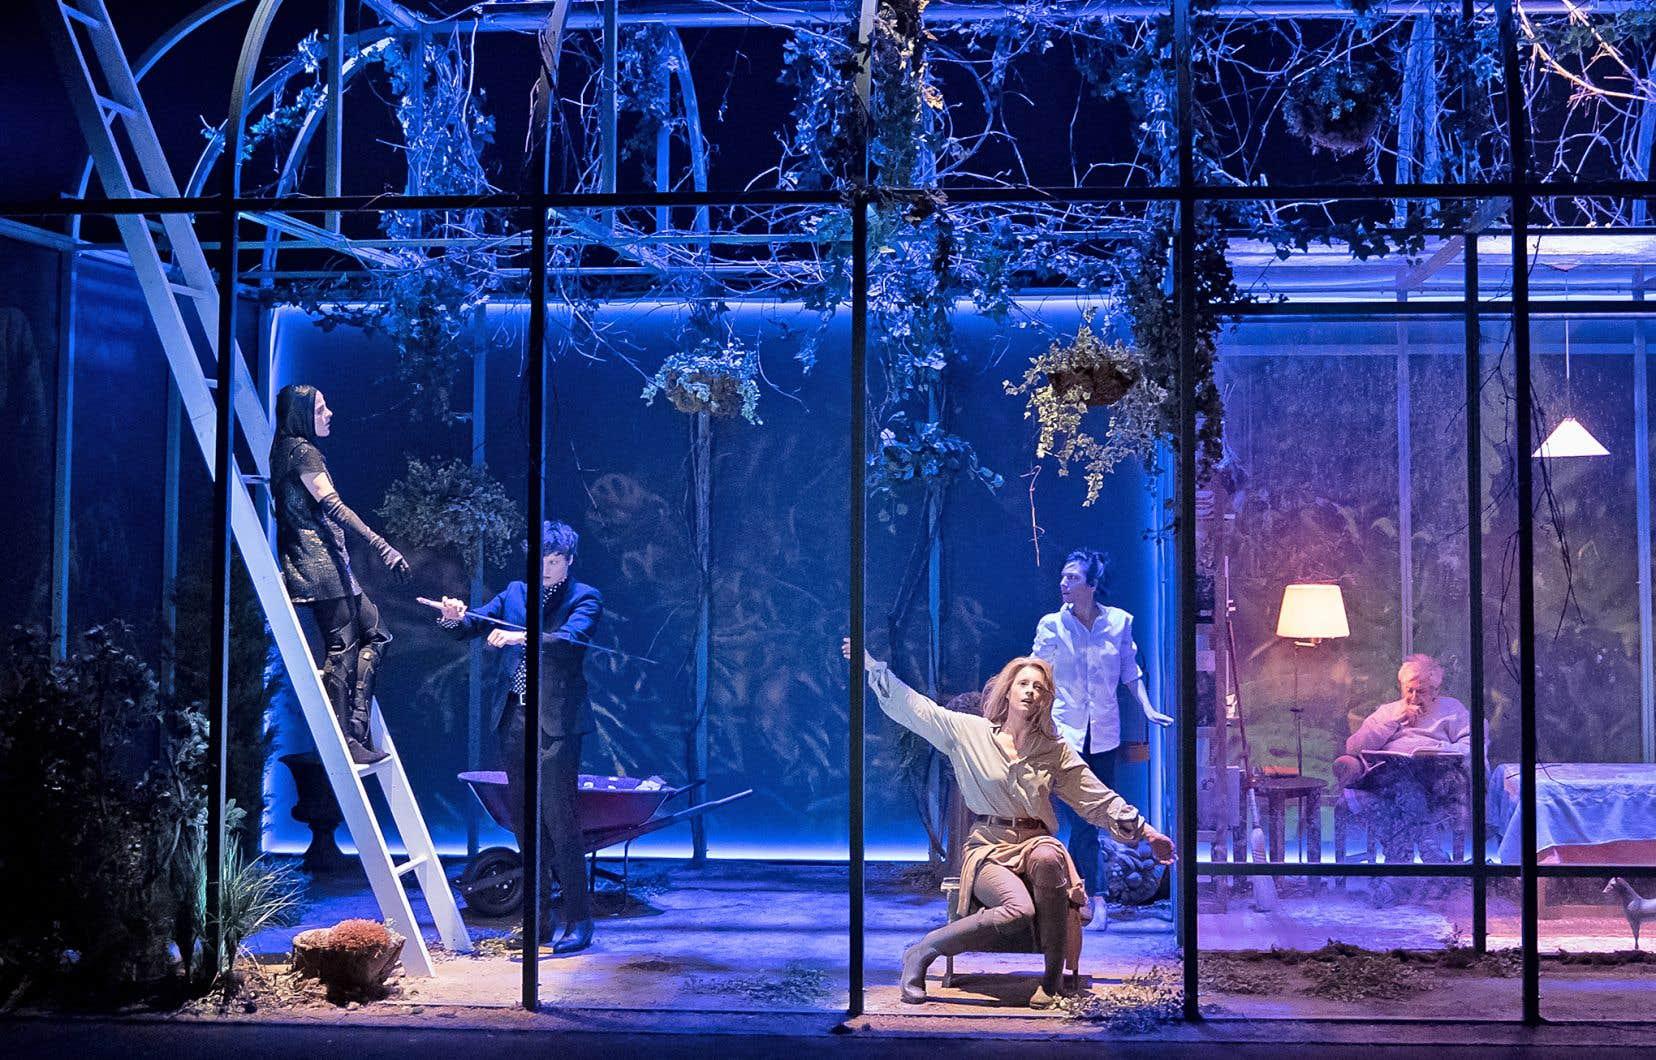 L'action de «La vie utile» se déroule dans une serre, au milieu d'une forêt, dans laquelle évoluent les personnages de la pièce.